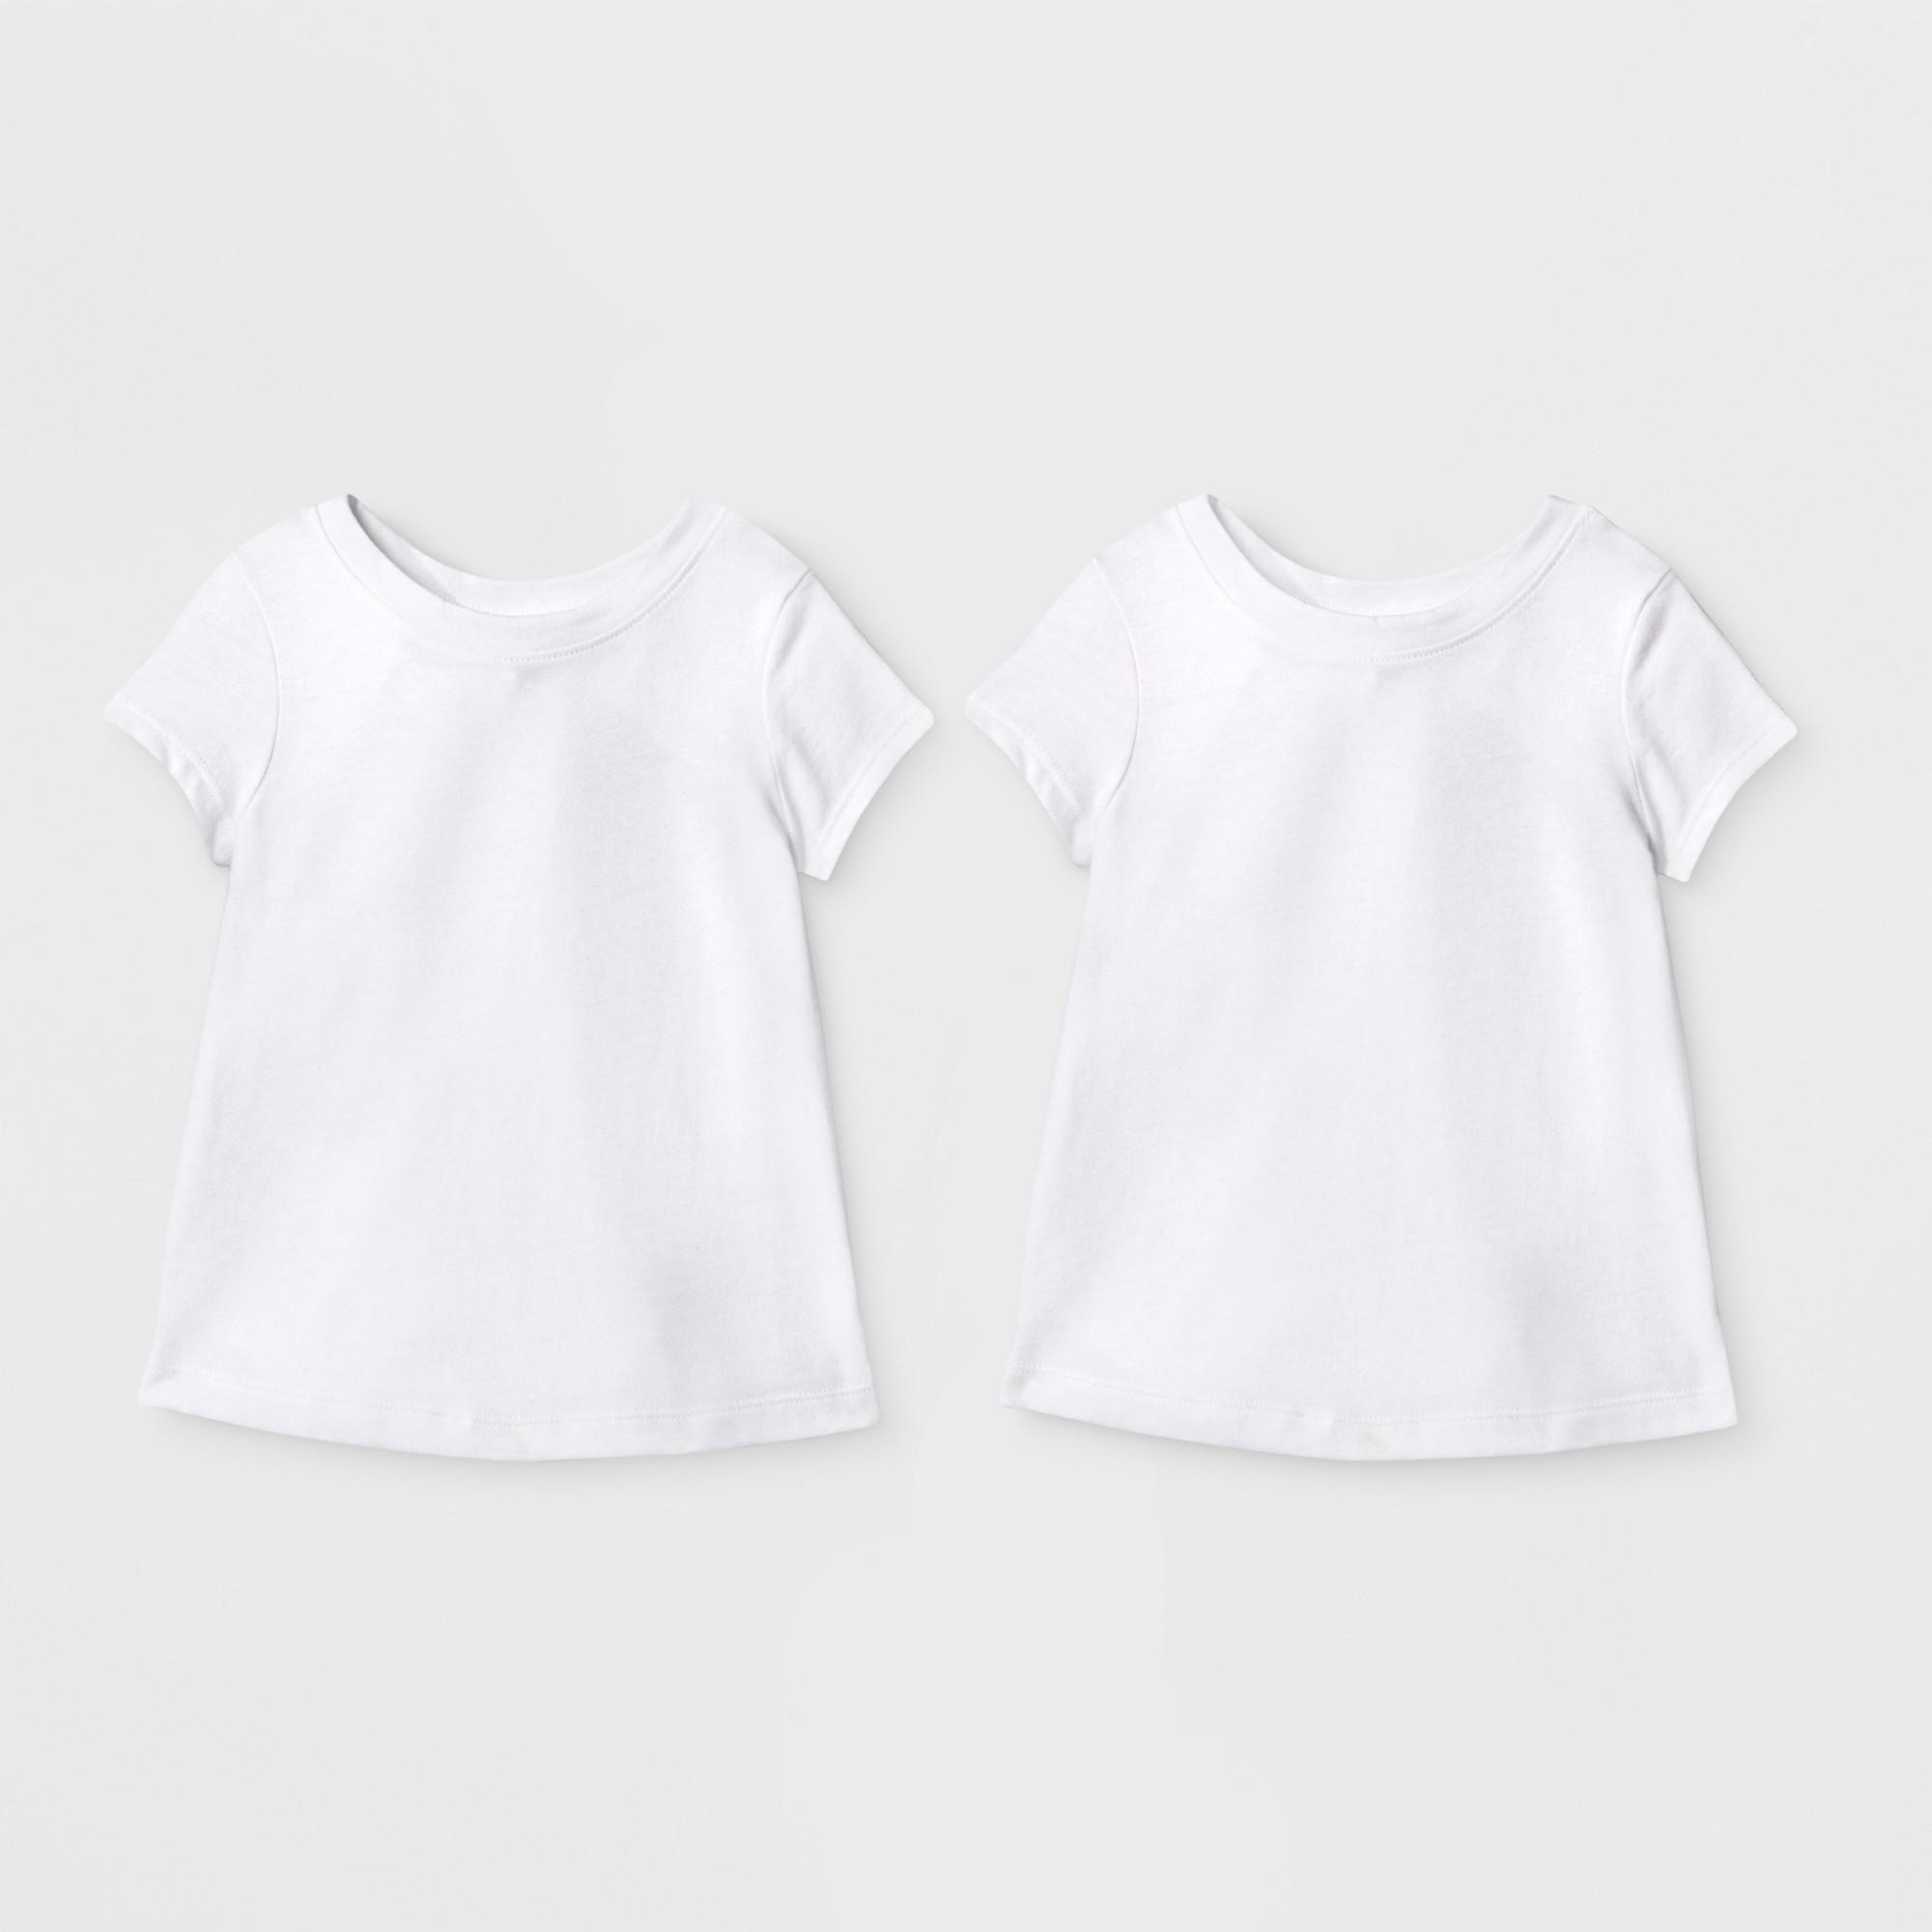 Toddler Girls' 2pk Short Sleeve T-Shirt - Cat & Jack White 5T